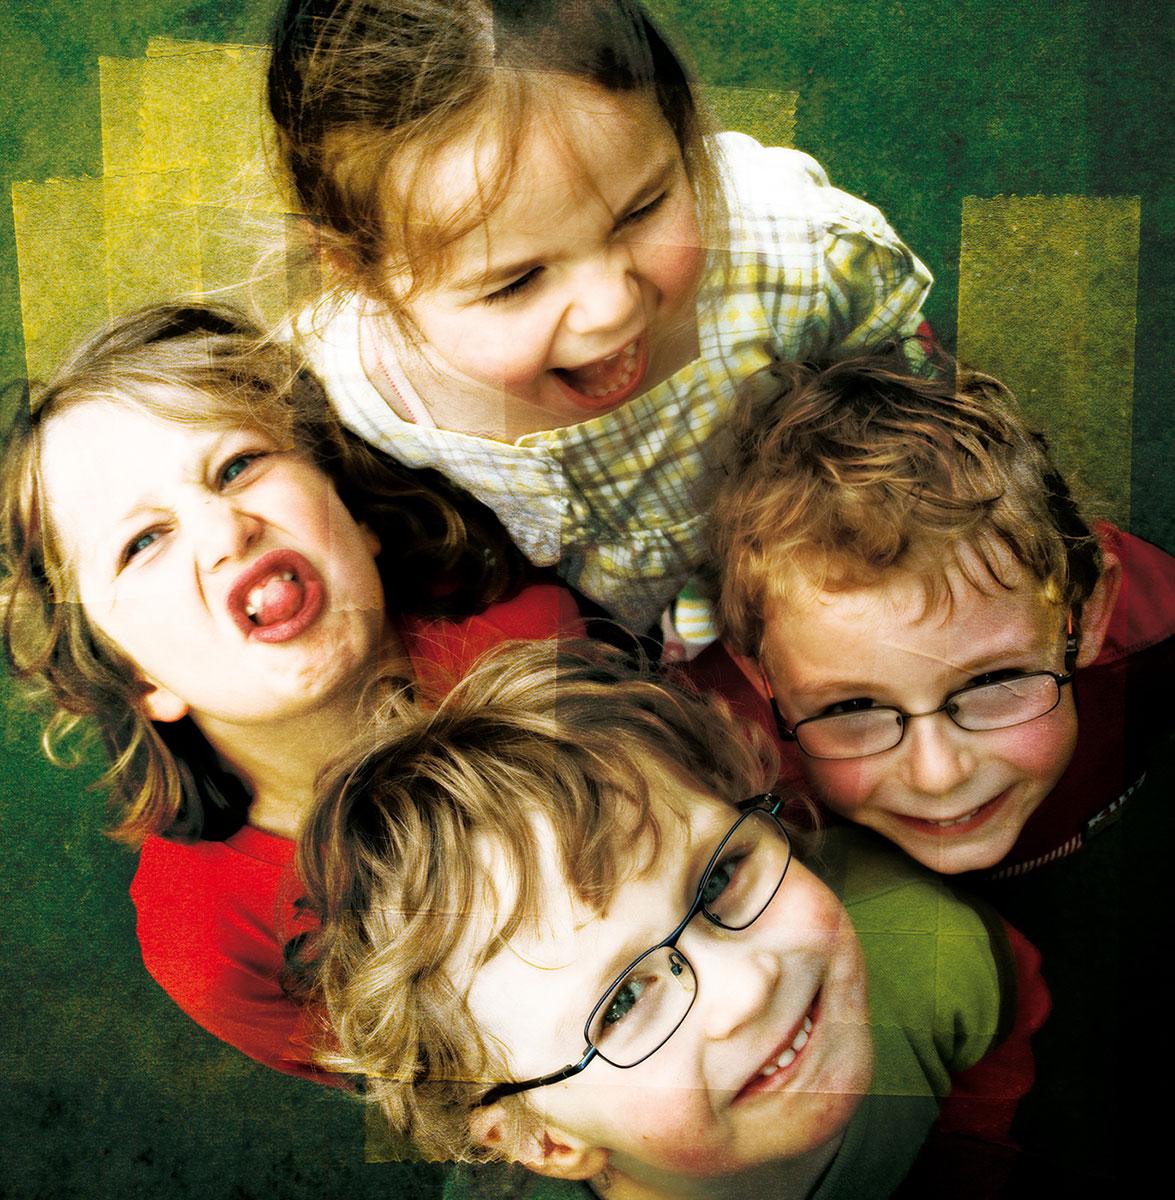 photo montage retouche illustration enfants grimaces strasbourg affiche